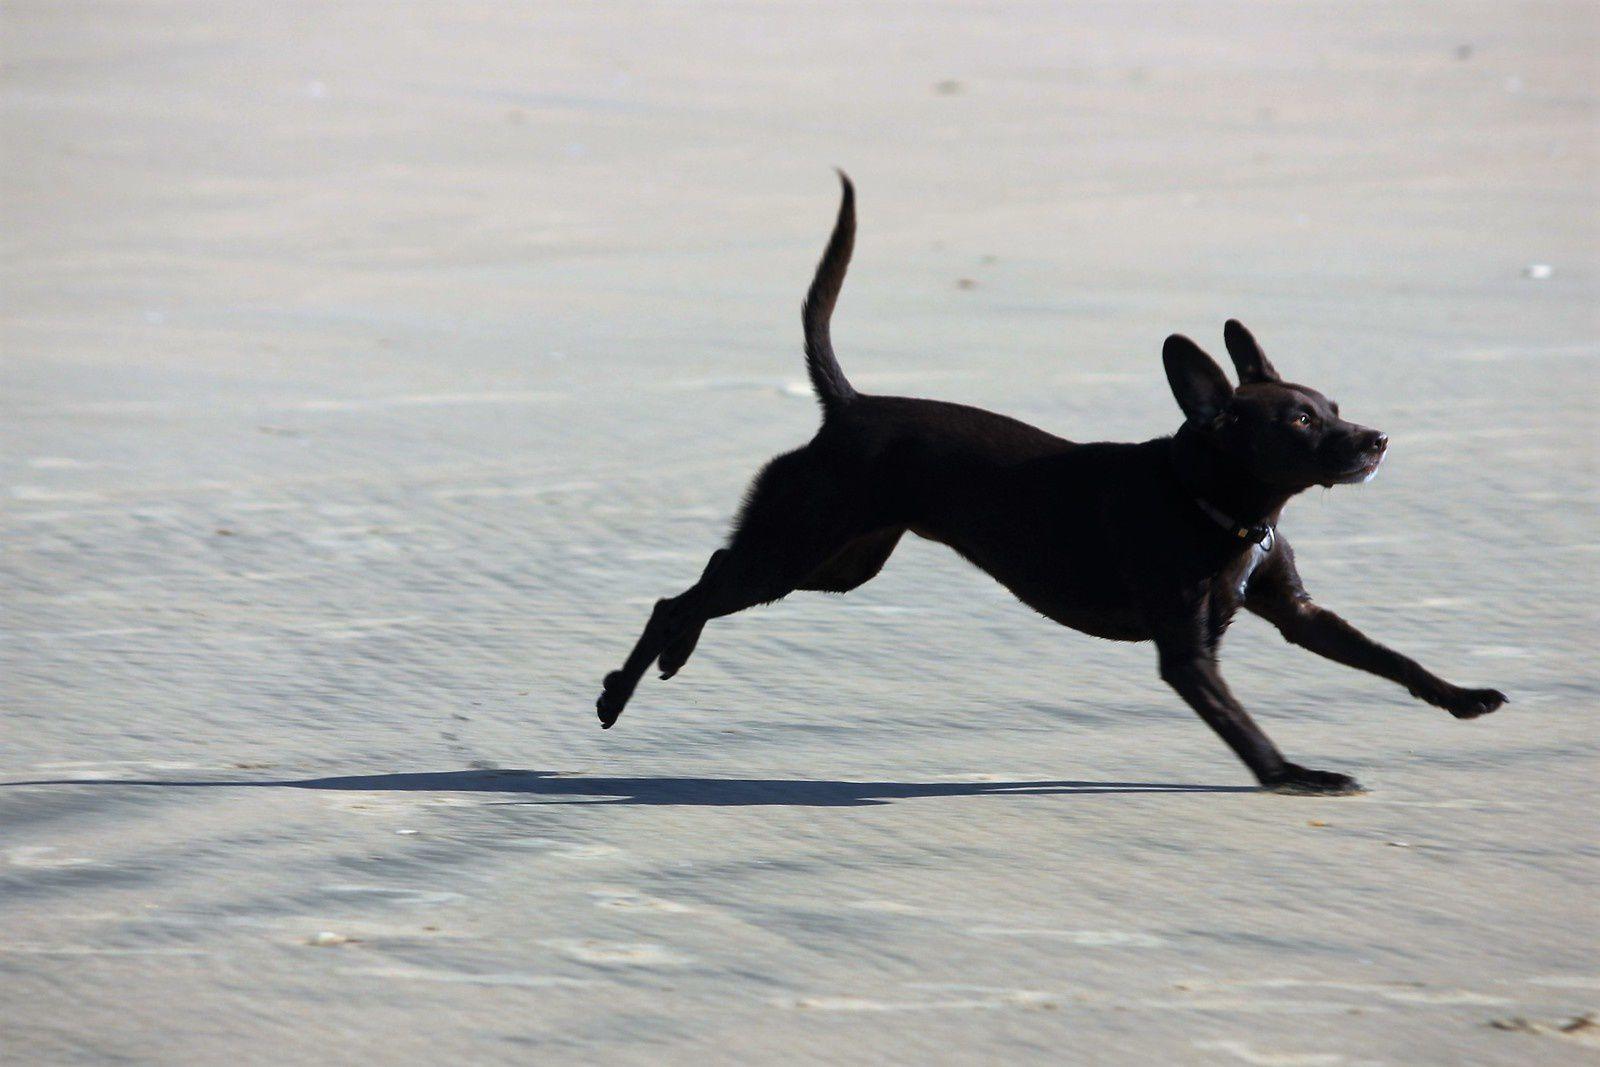 Les chiens interdits de plage pendant la saison touristique ratrappent le temps perdu!